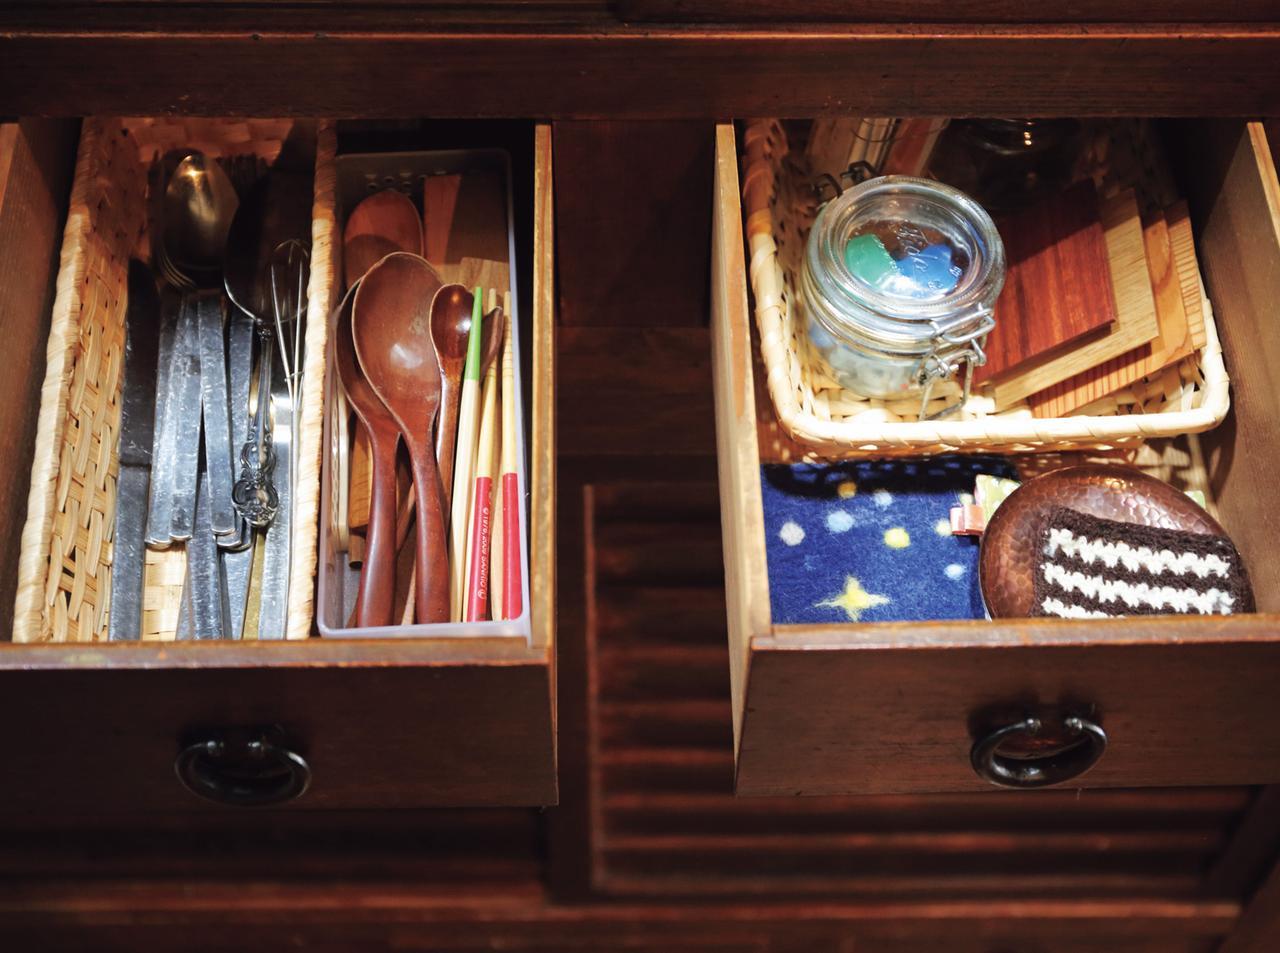 画像: 箸やコースターなど、バラバラになりやすいキッチン雑貨は、水屋箪笥の引き出しに。小ぶりのかごを幾つか並べ、種類ごとに収納している。スプーンも素材で分けているので、見つけやすい(※トップの写真 1)